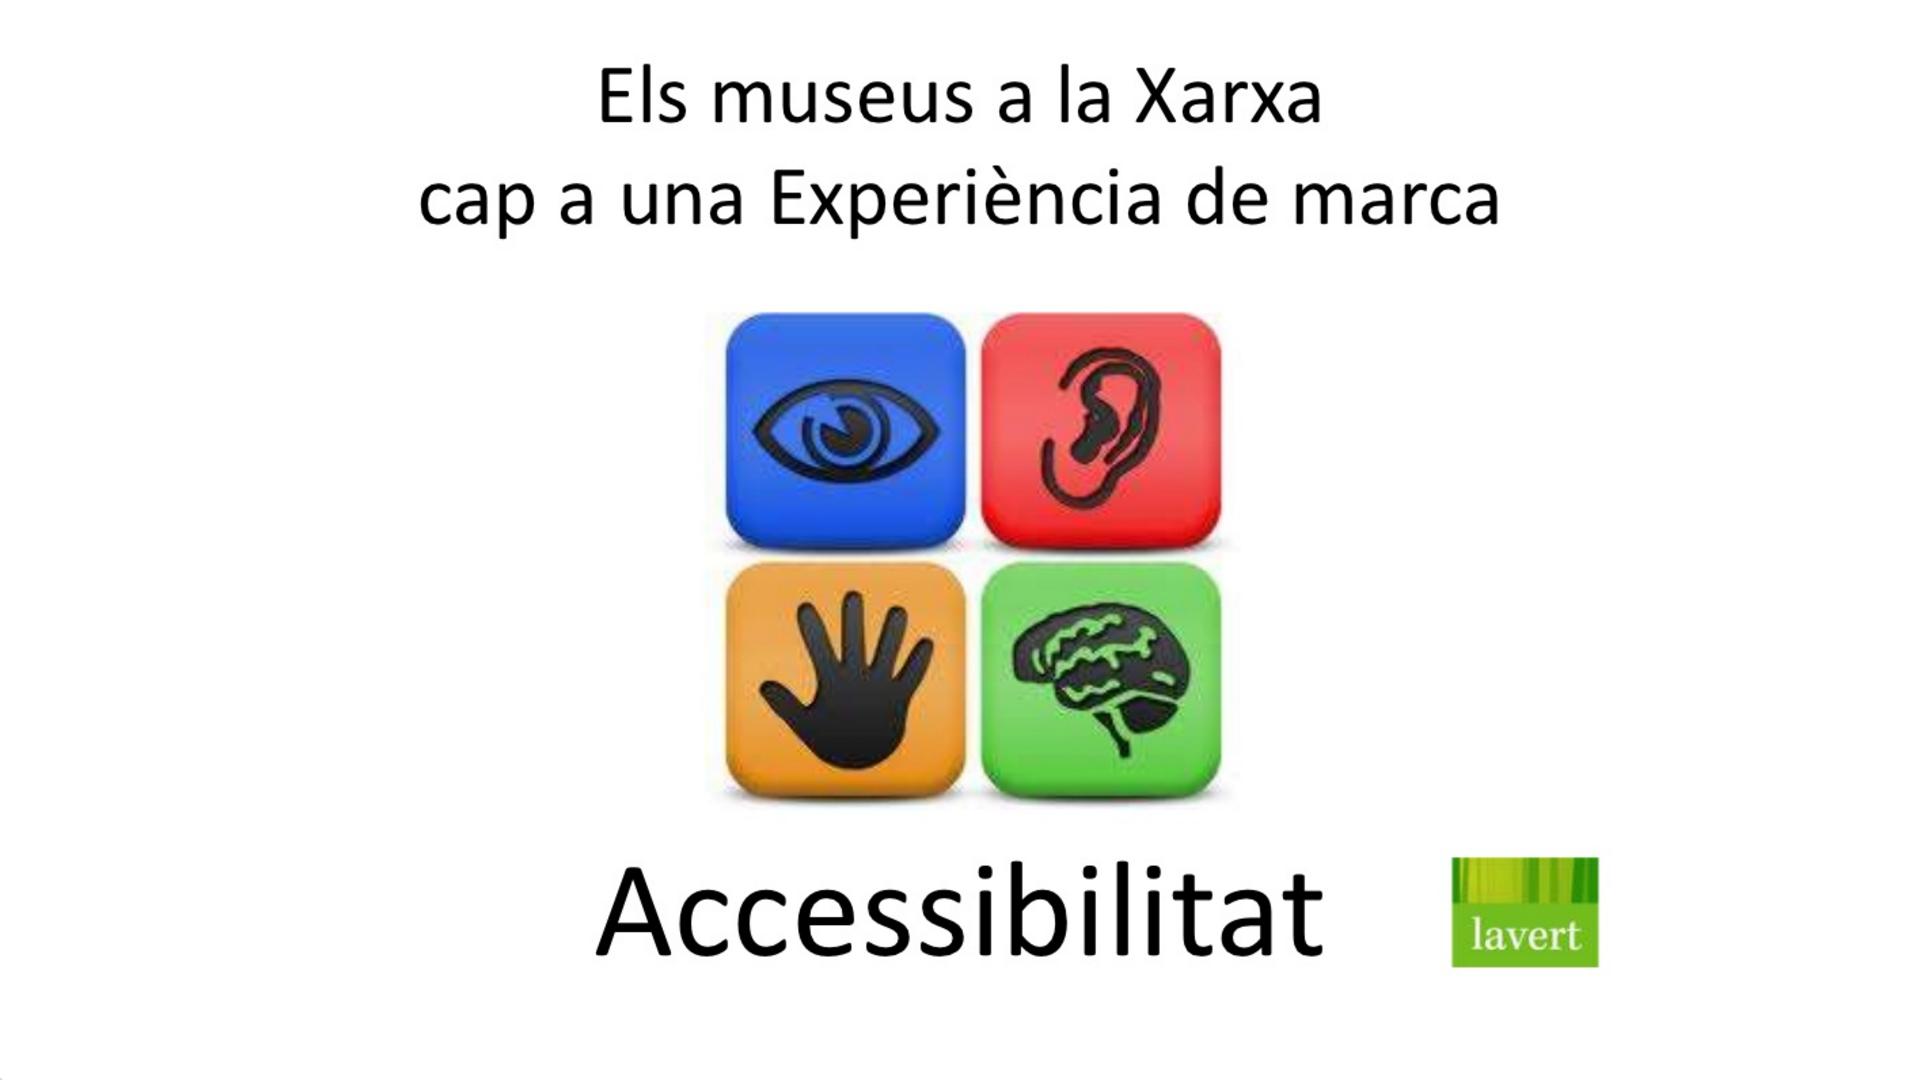 Els Museus a la Xarca cap a una experiencia de marca (IV. Accessibilitat)